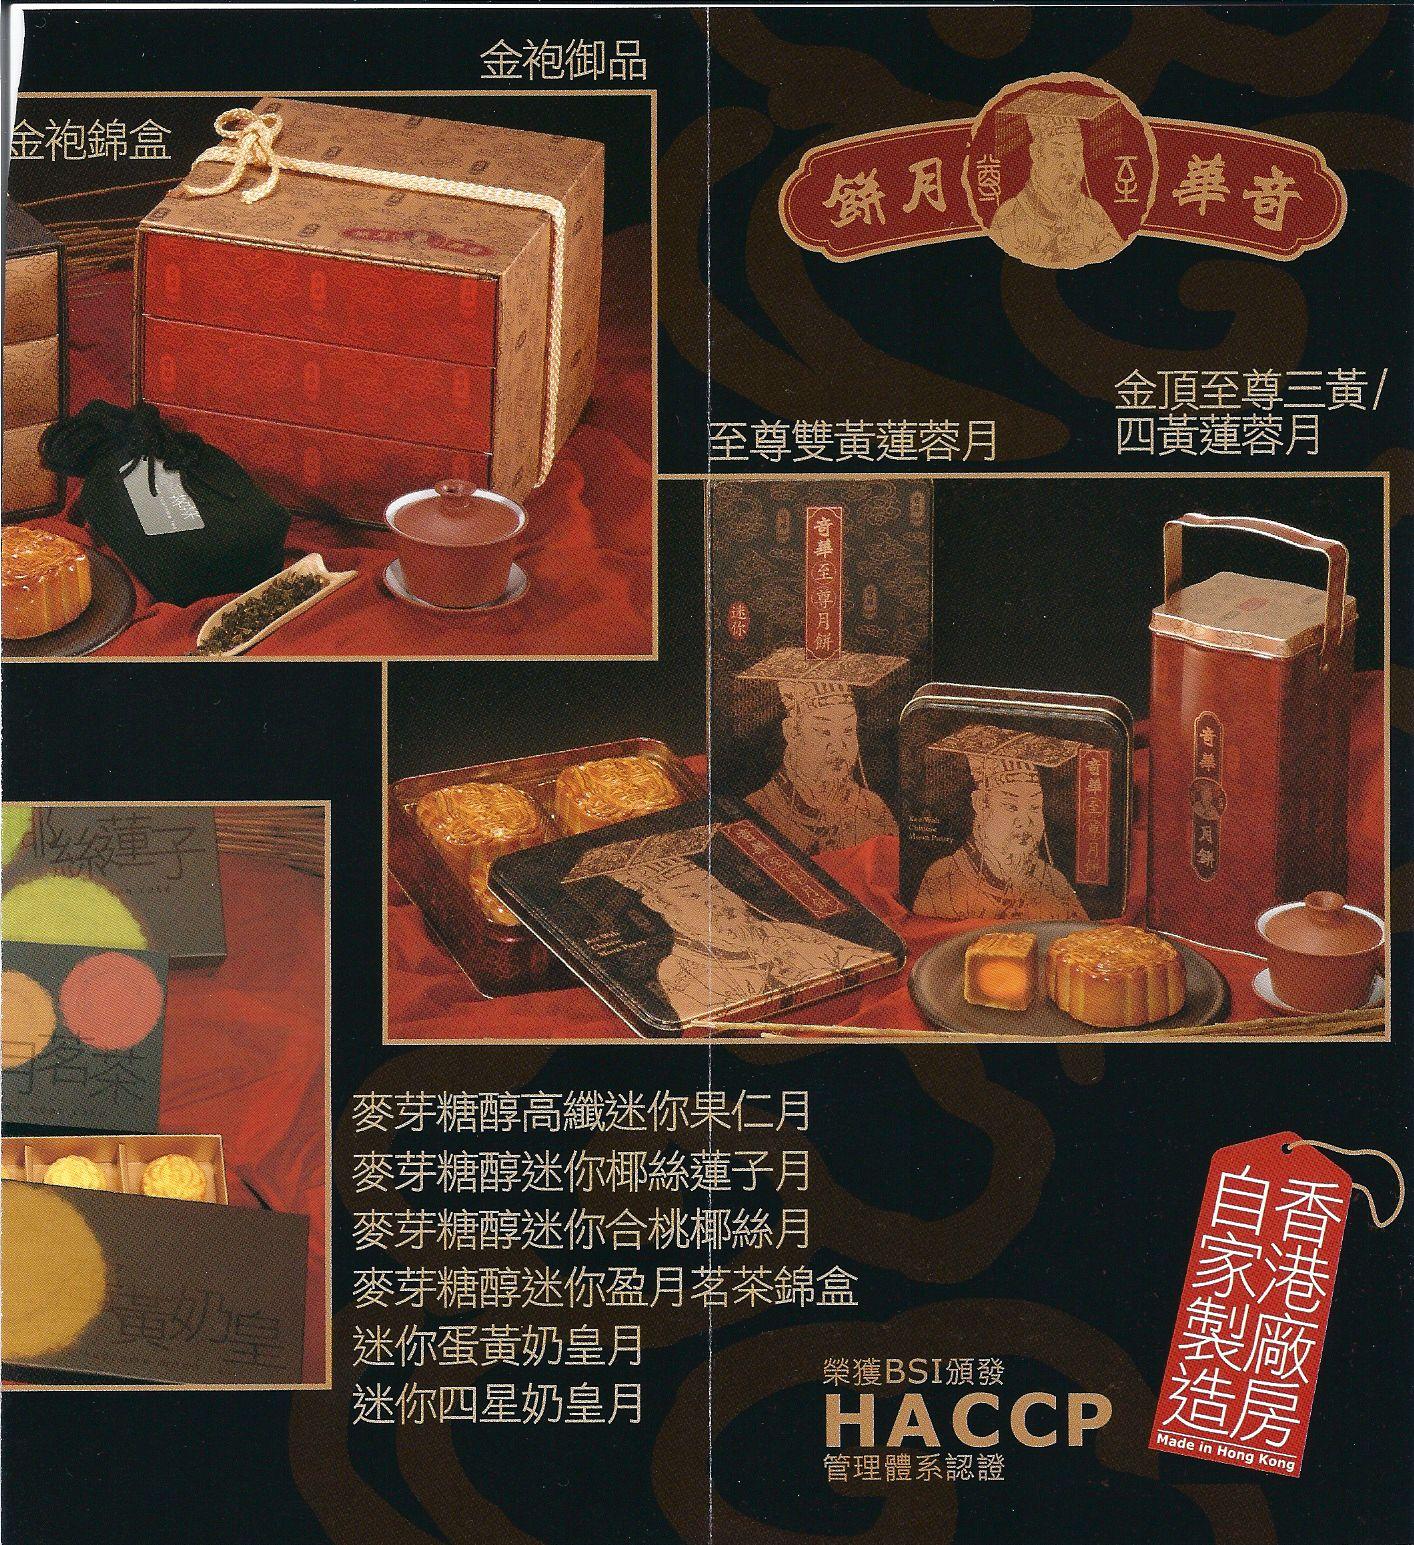 香港中秋月餅 Hong Kong Moon Cake: 2010 月餅: 奇華月餅 (價目表, 傳單)